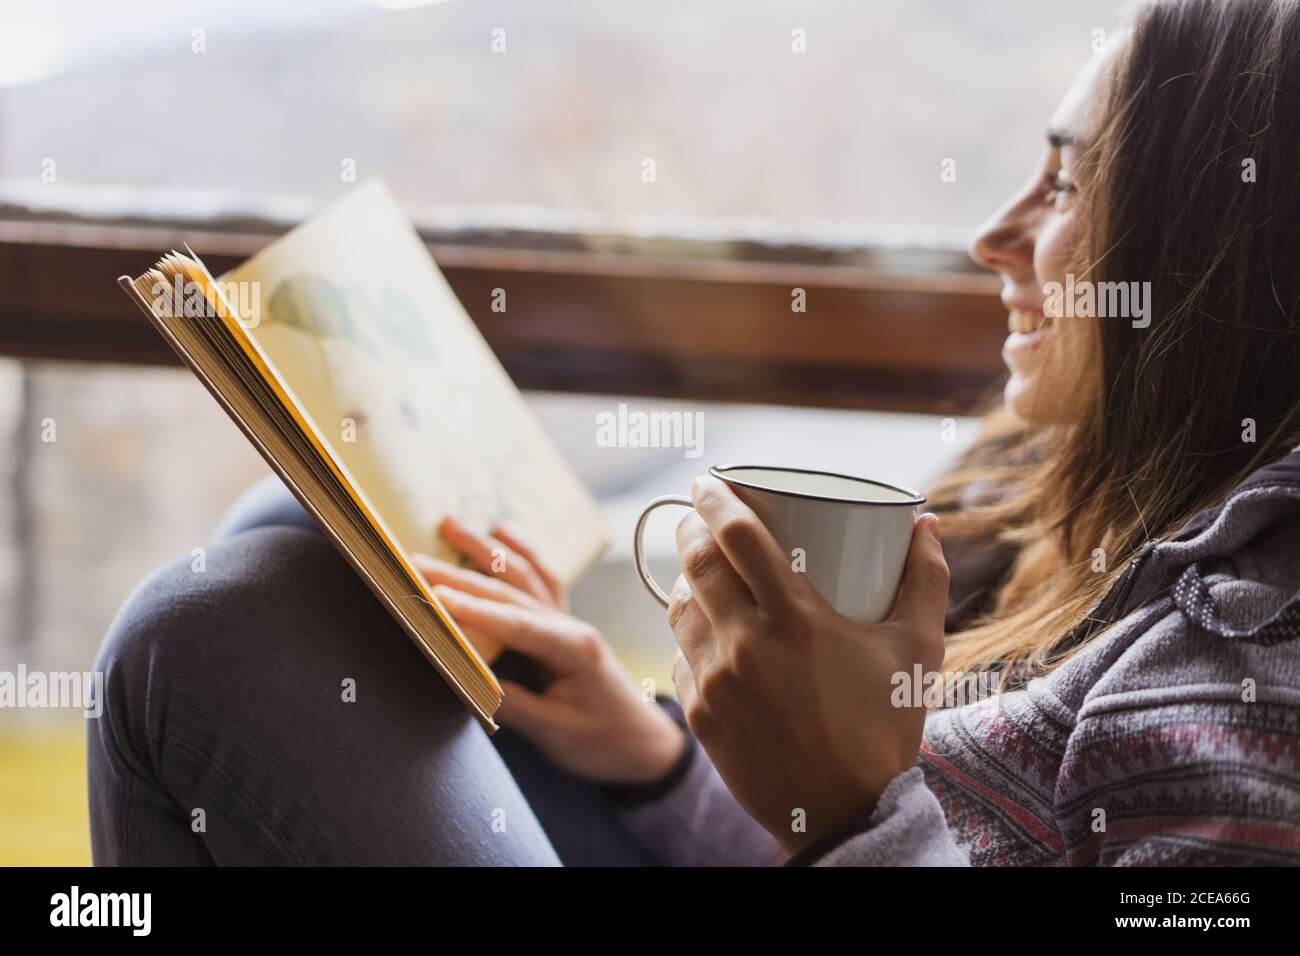 Vue latérale de la jeune femme avec une tasse de chaud frais buvez la lecture d'un livre intéressant tout en étant assis près d'une immense fenêtre chambre confortable Banque D'Images